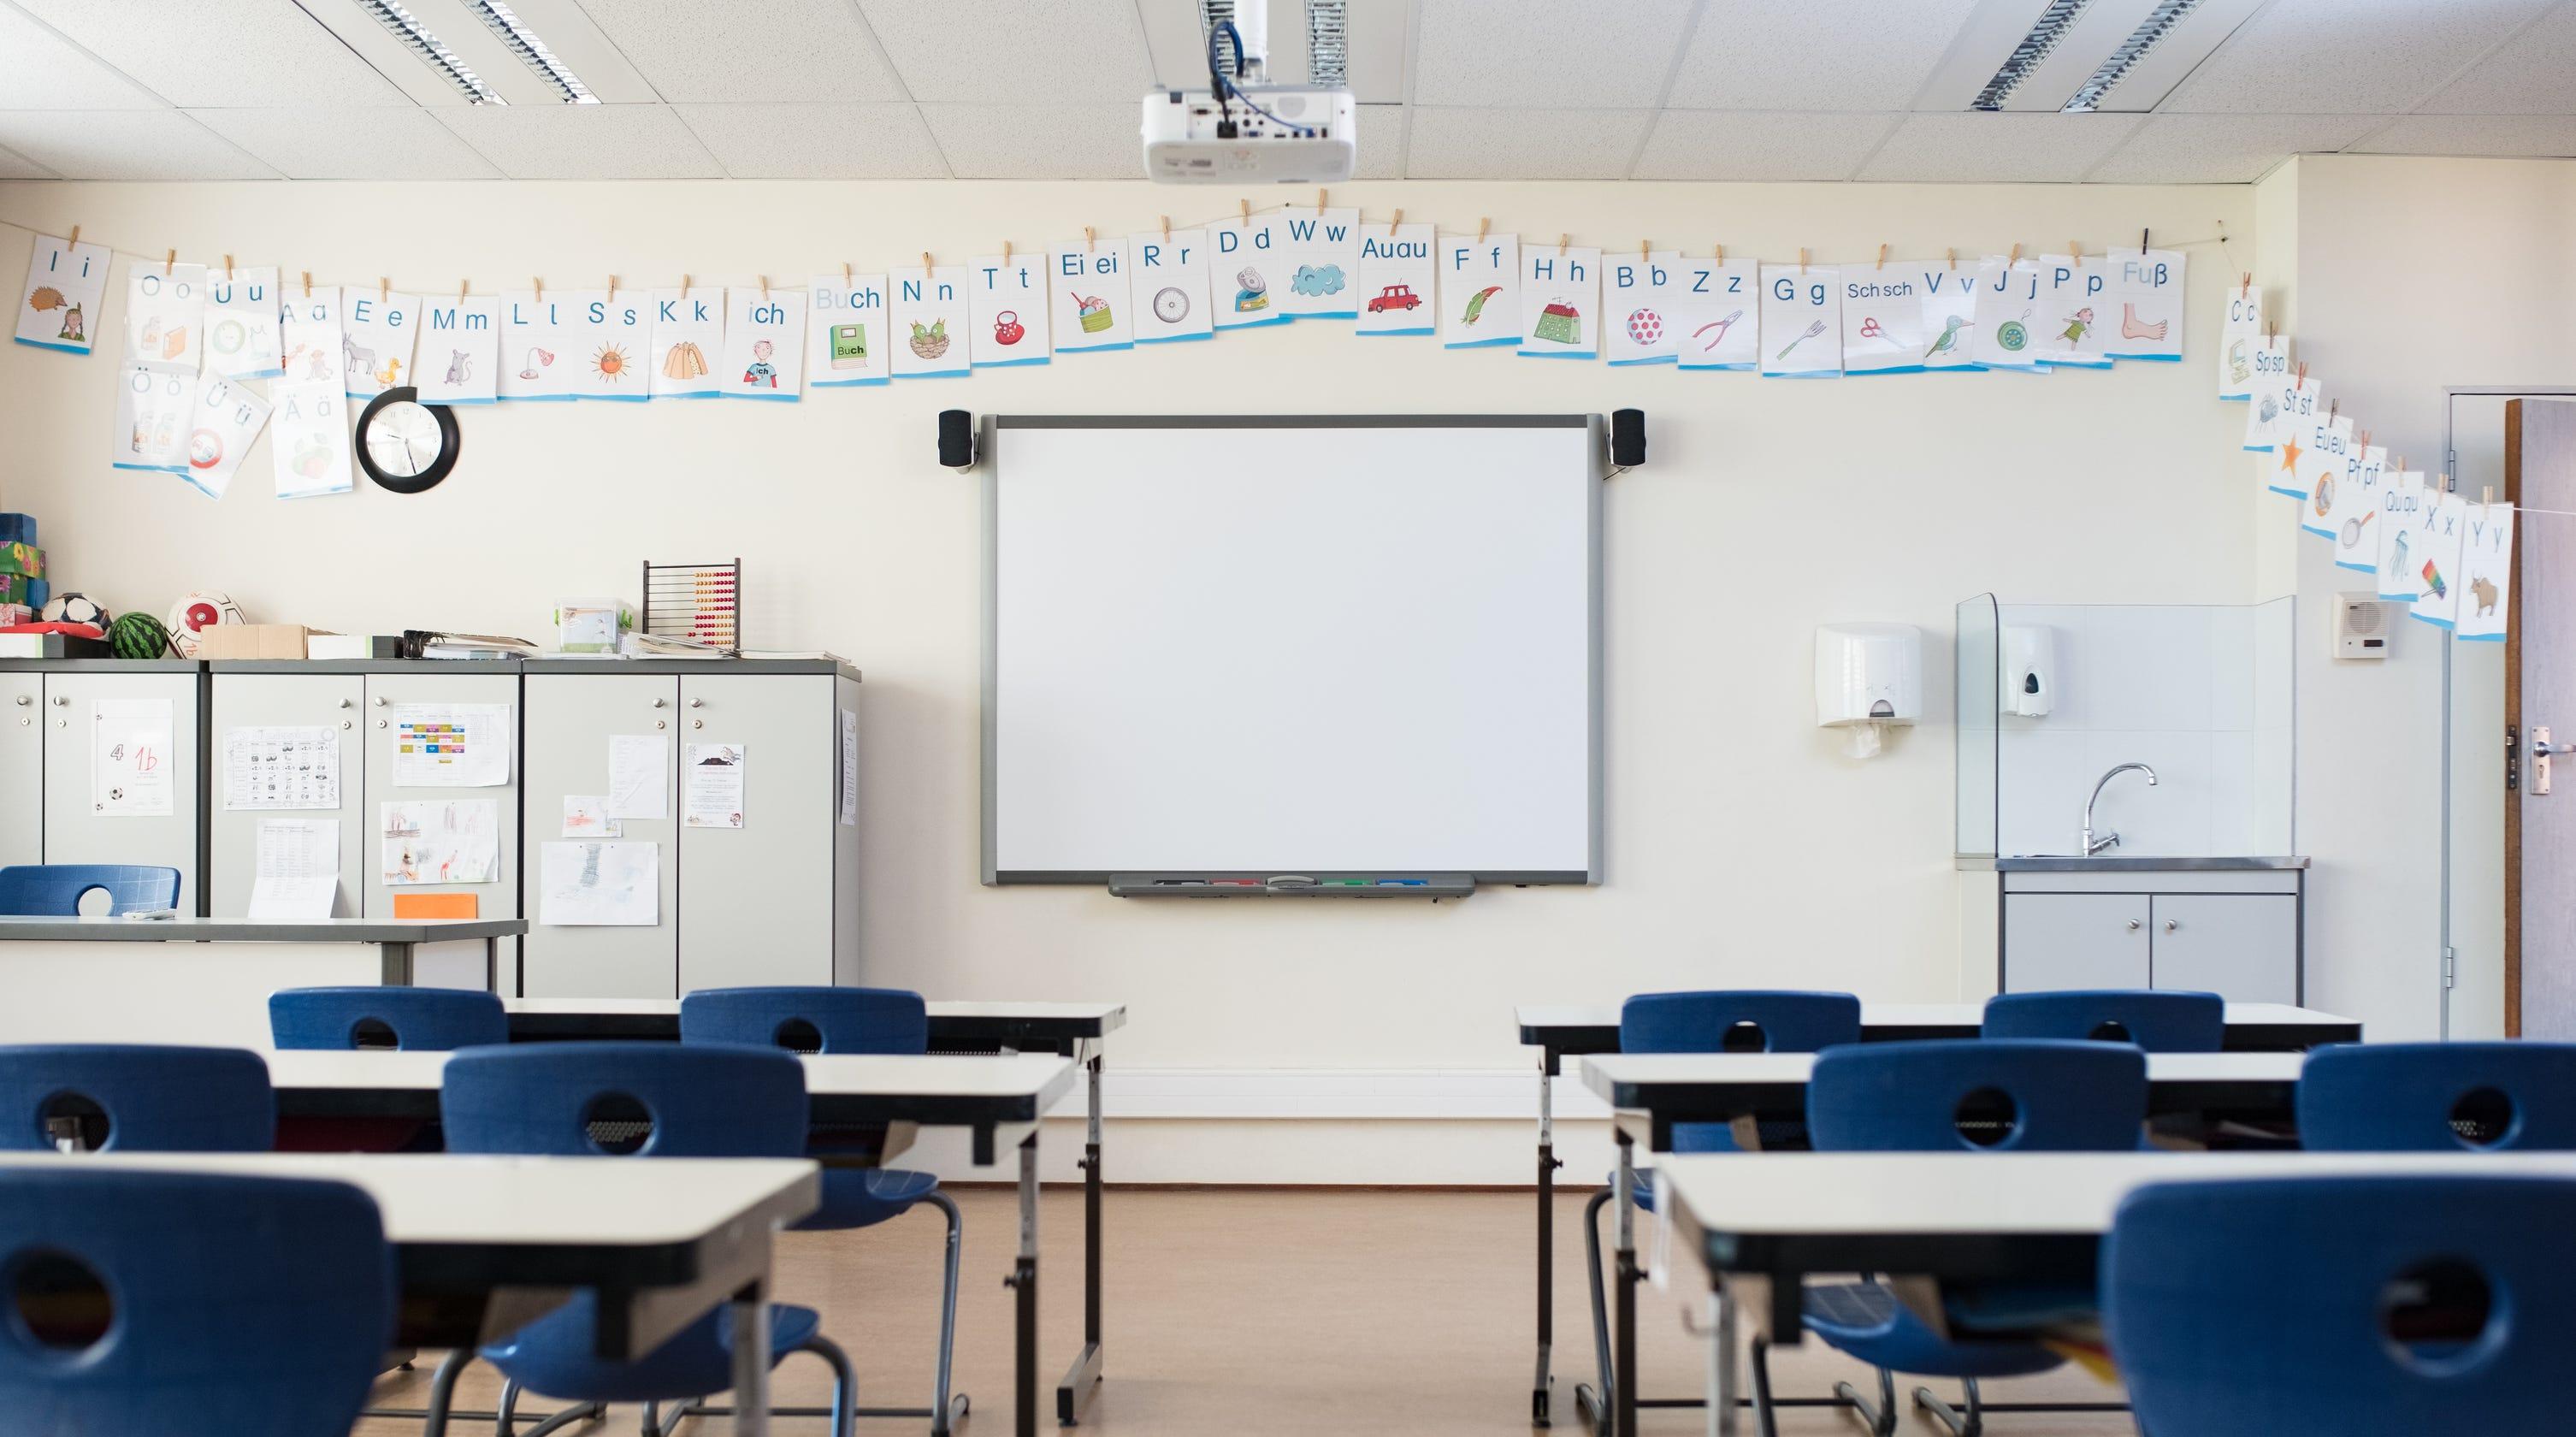 Kentucky teacher shortage: Are 'thousands' of jobs actually